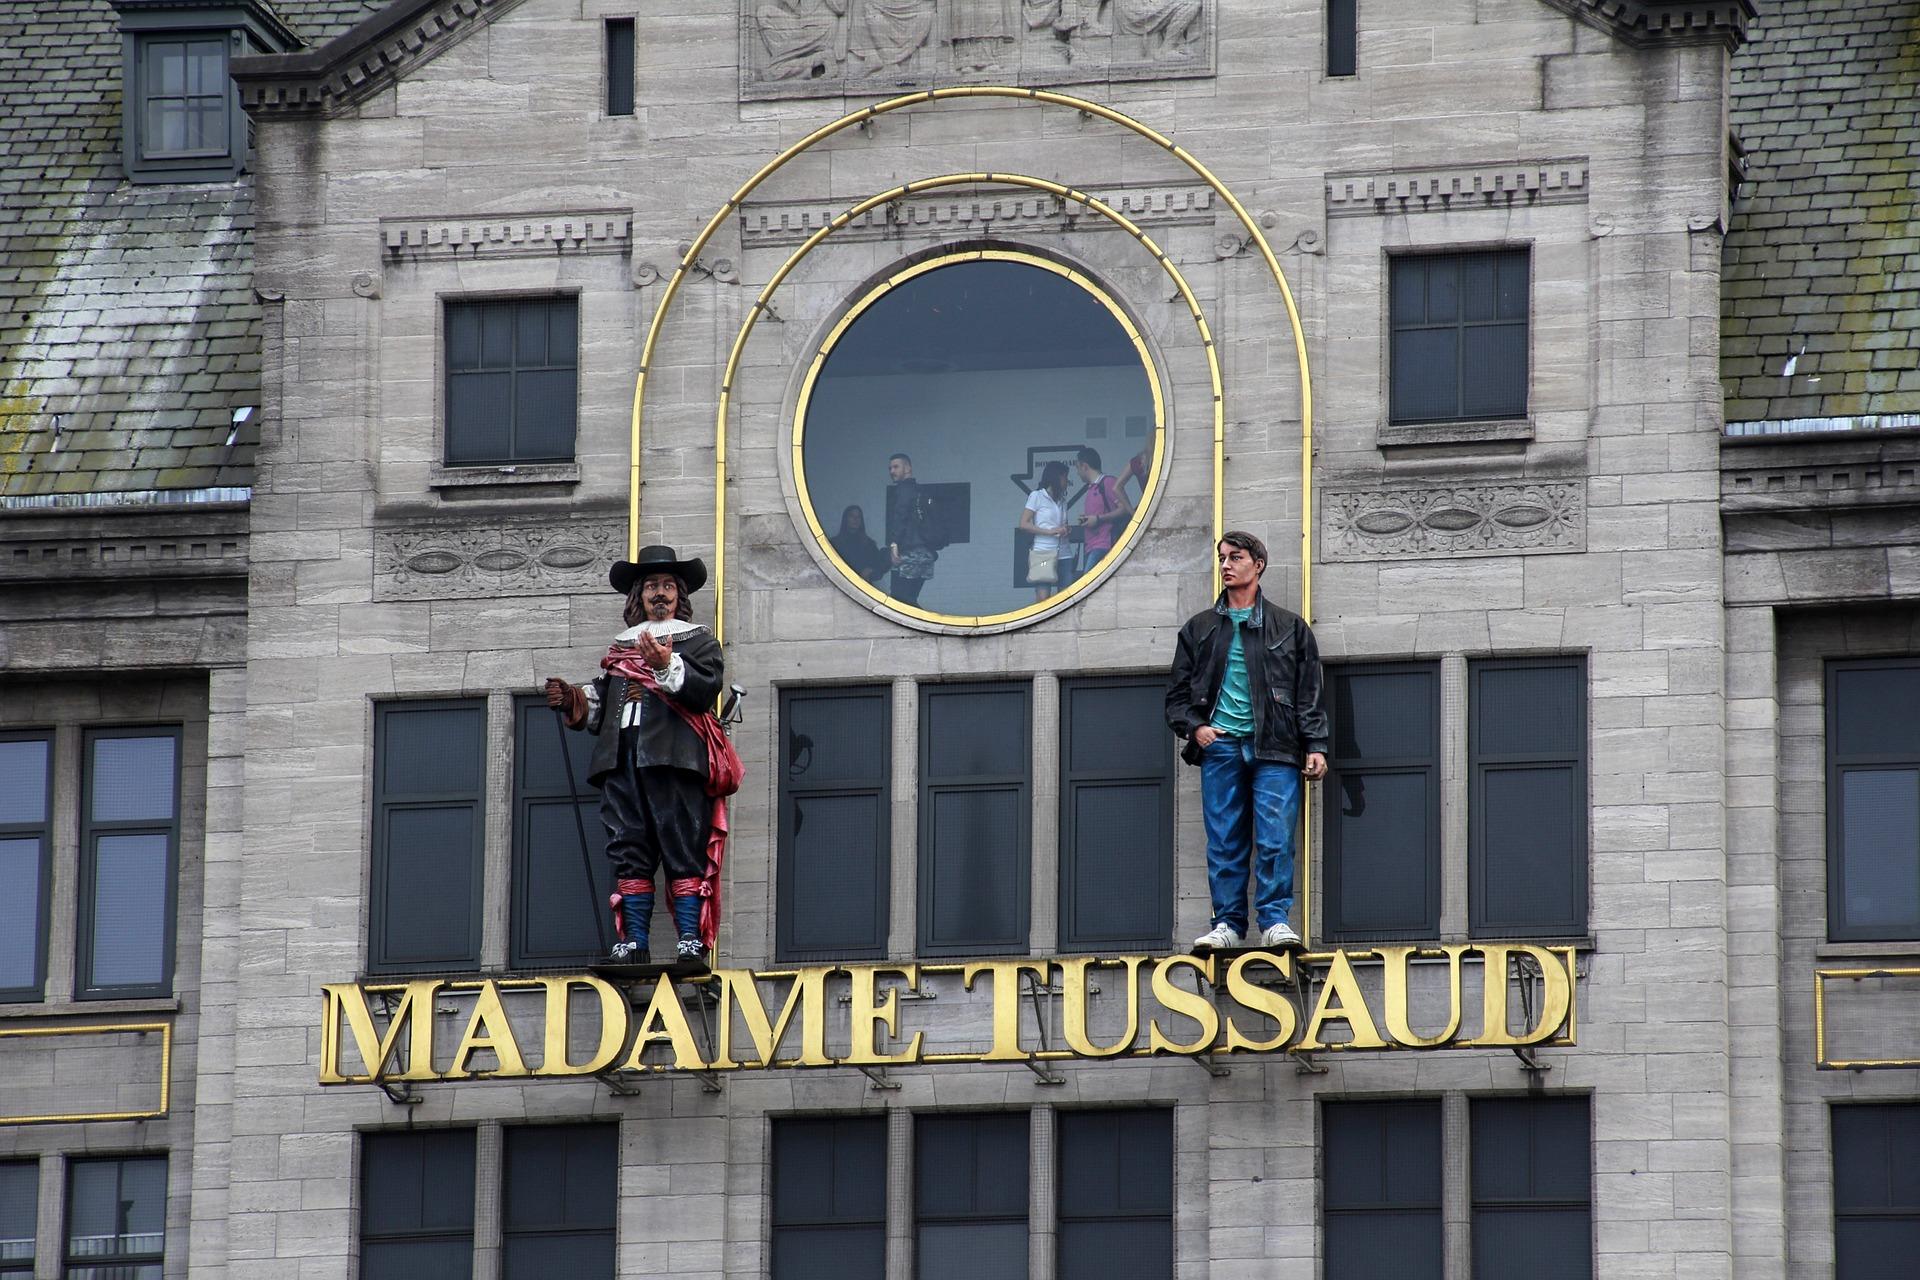 مدام توسو دبي Dubai يدشن عهدا جديدا ضمن حملة التوسعات الإقليمية